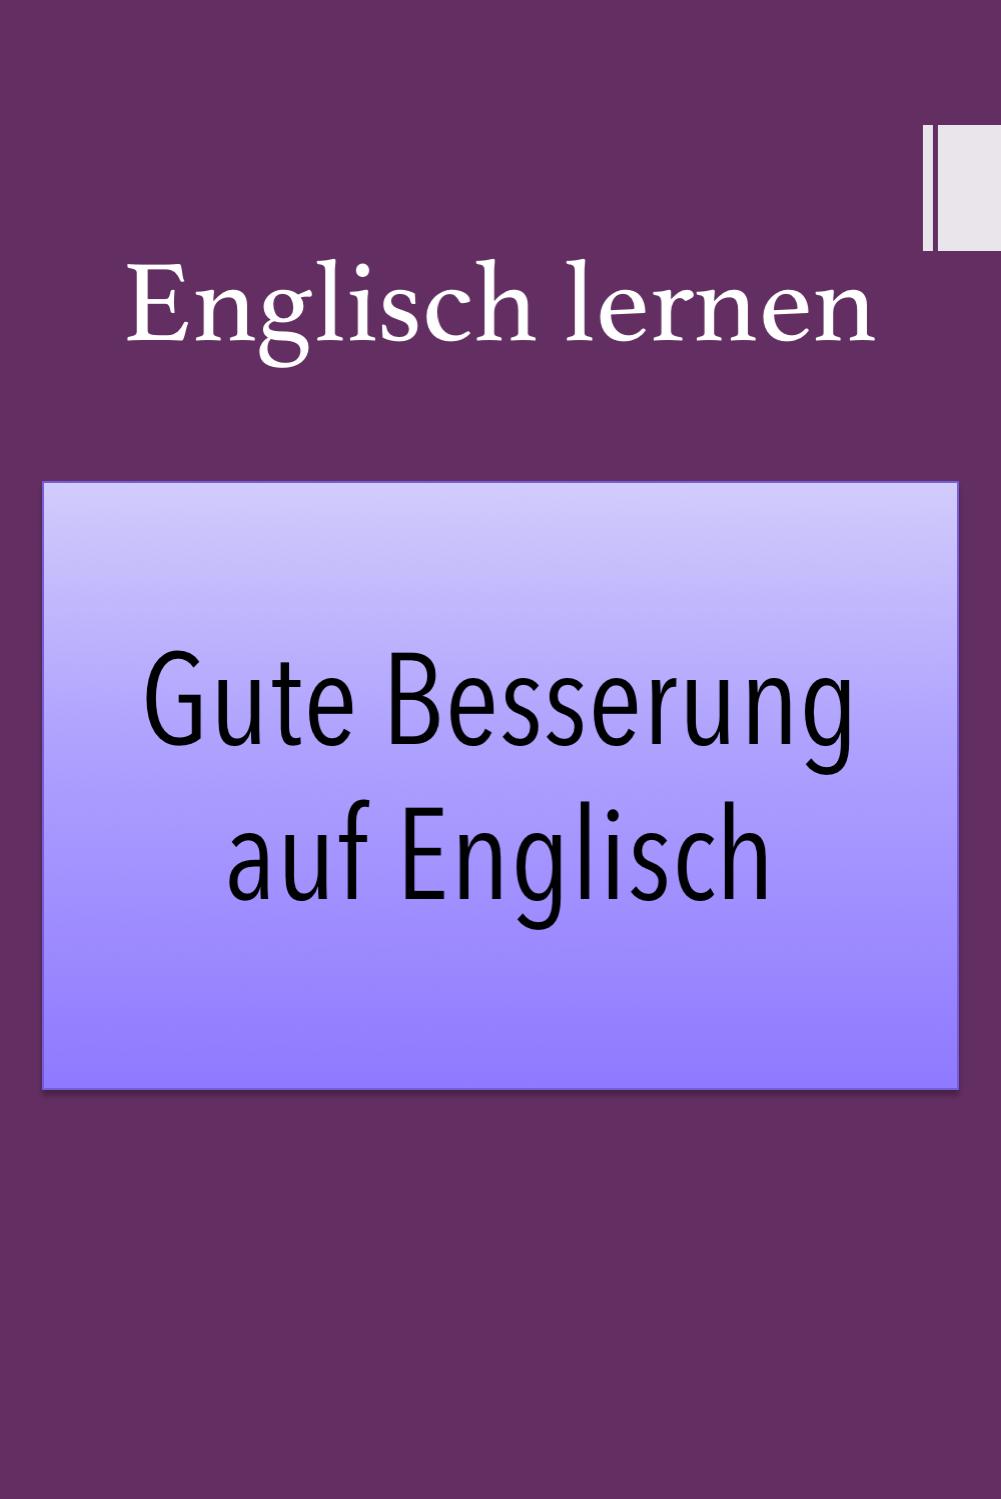 Gute Besserung Auf Englisch Genesungswunsche In 2020 Englisch Lernen Wunsche Zur Genesung Englisch